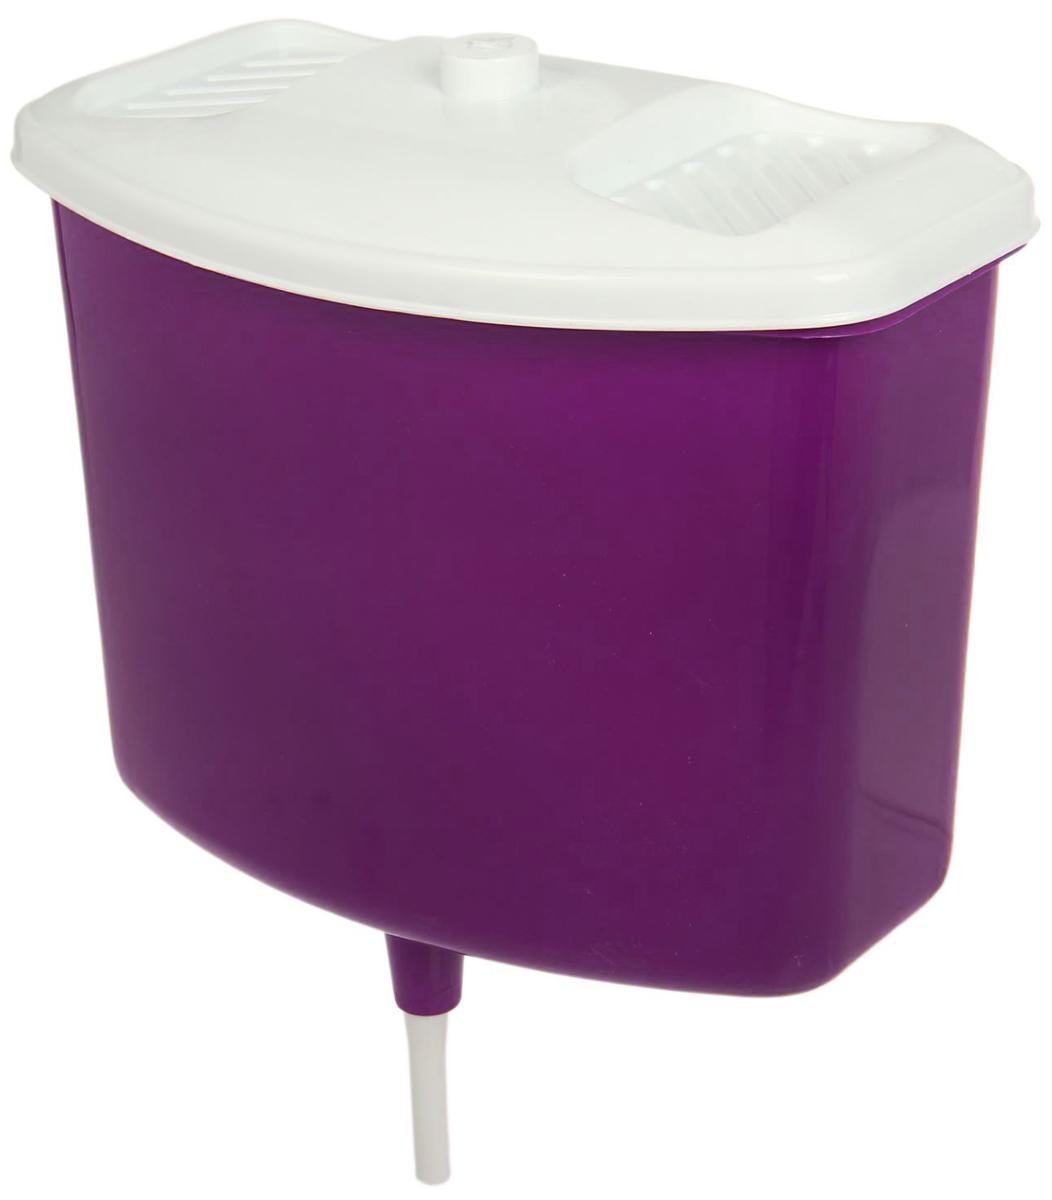 Рукомойник, с крышкой, цвет: фиолетовый, белый, 5 л2175777_фиолетовый, белыйОригинальный рукомойник поможет вам поддерживать чистоту рук на вашем дачном участке. Рукомойник изготовлен прочного пластика. Крышка плотно прилегает к рукомойнику, что препятствует попаданию грязи и пыли в воду.На крышке рукомойника предусмотрены места под мыло.